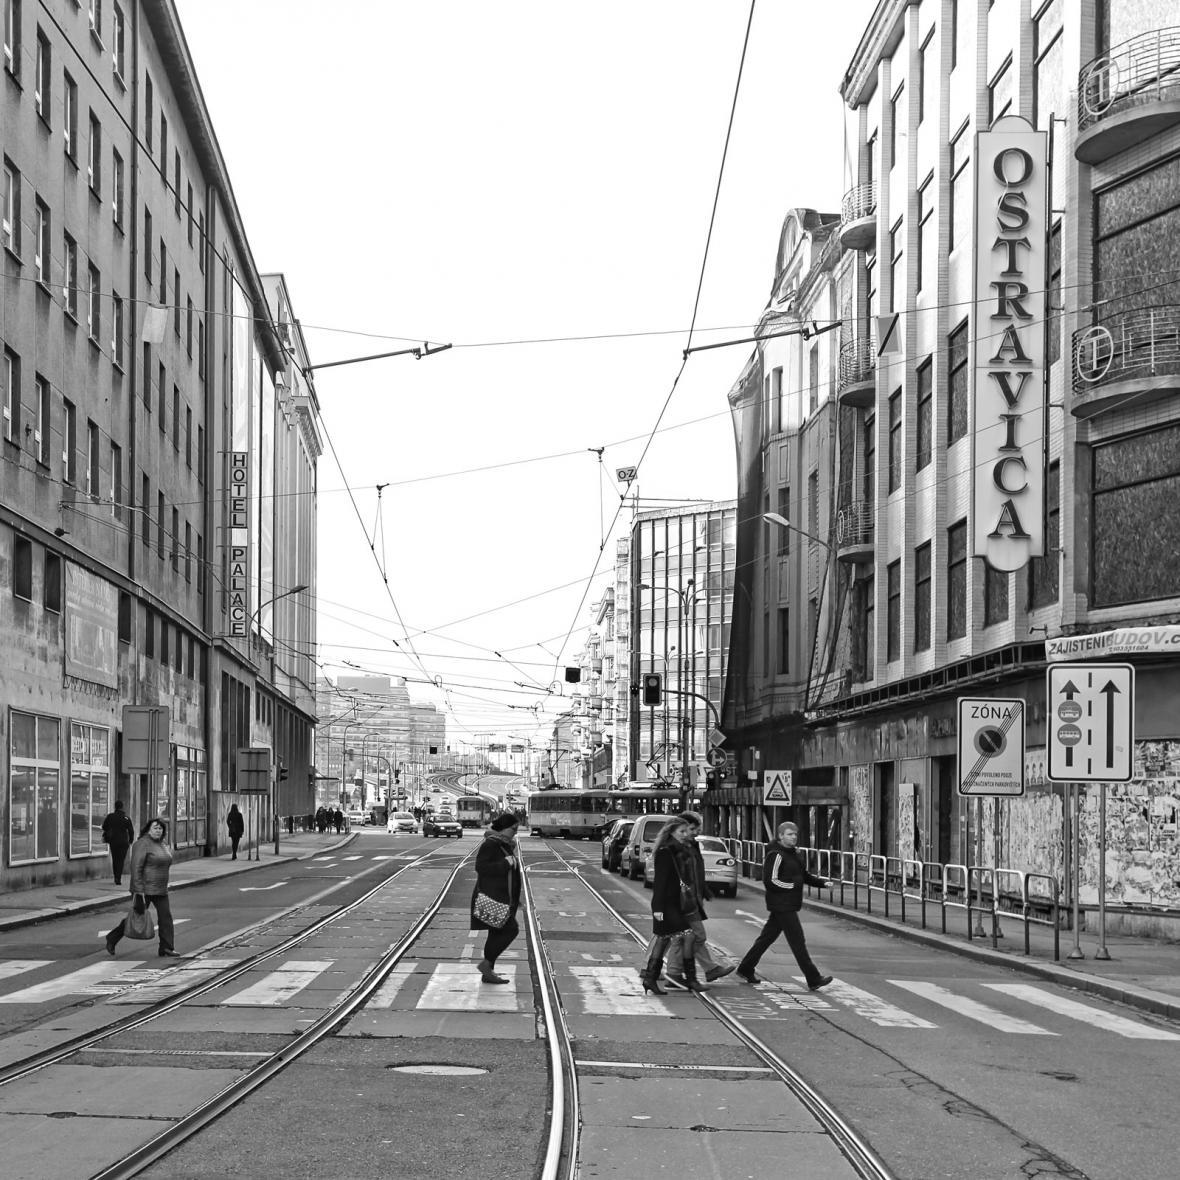 Pohled ulicí 28. října dnes